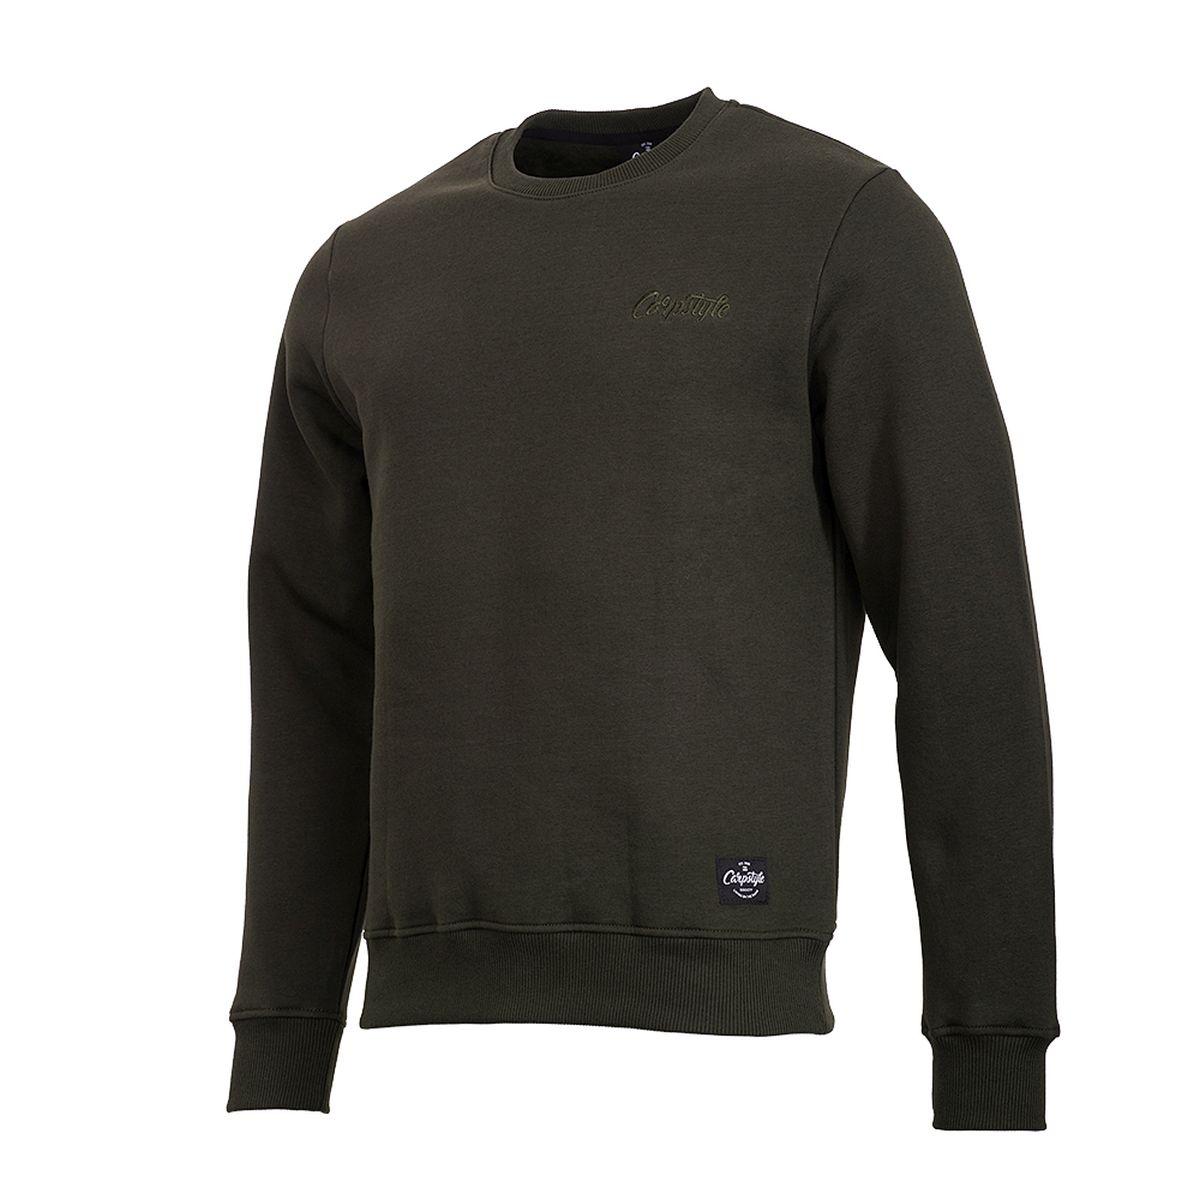 CARPSTYLE Bank Sweatshirt - XL